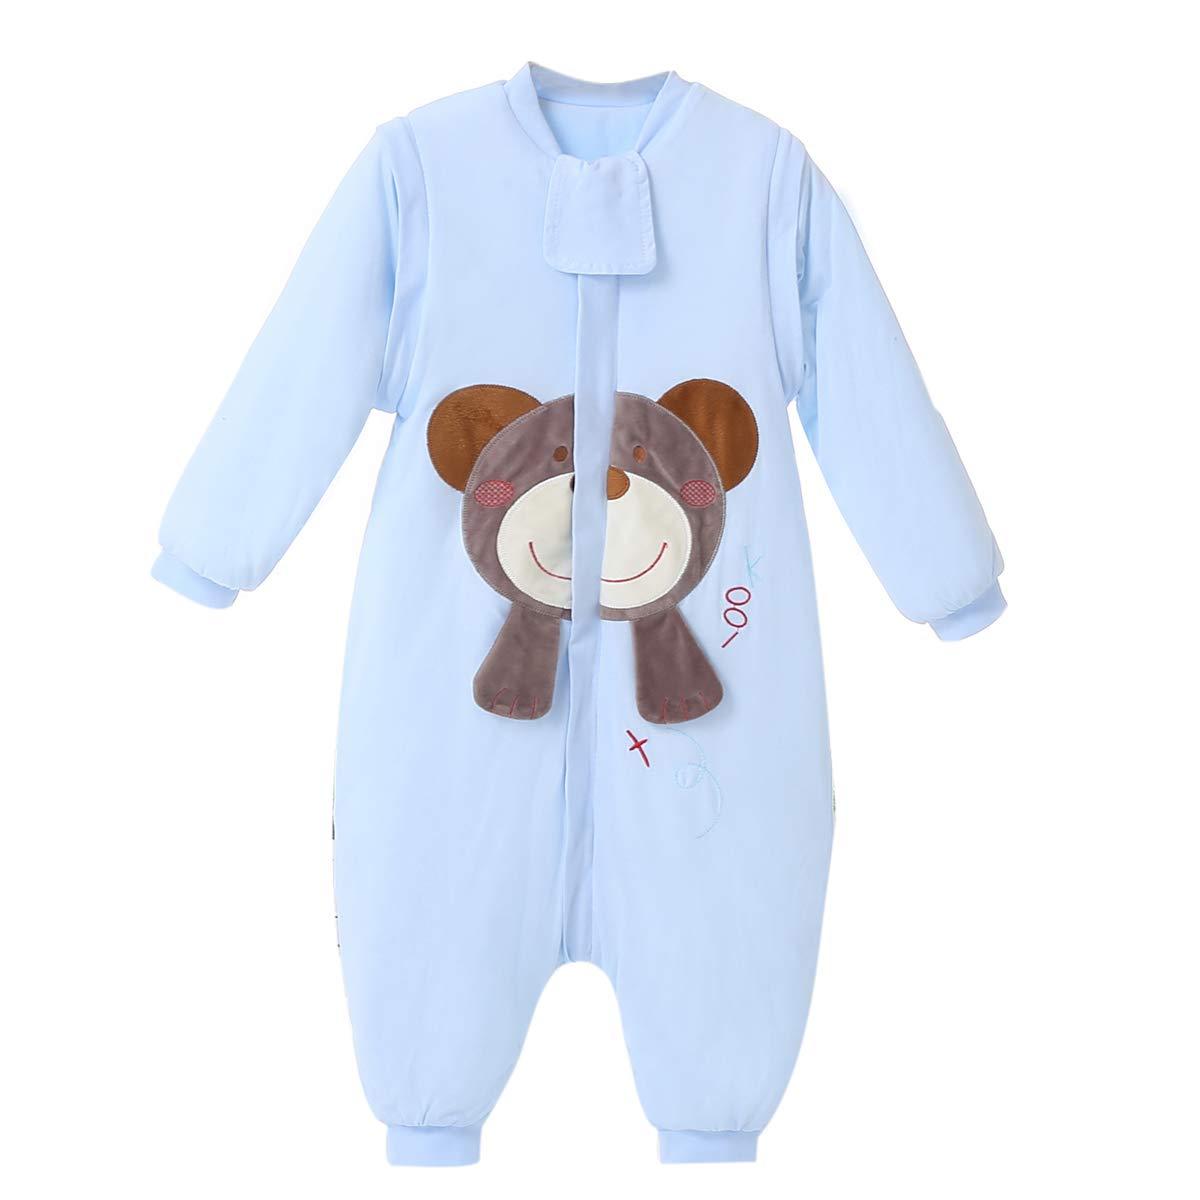 Gigoteuse Bebe Garcon Fille Enfant Tog 2.5 Coton Ours Hiver Taille:1-5 Années à Pied